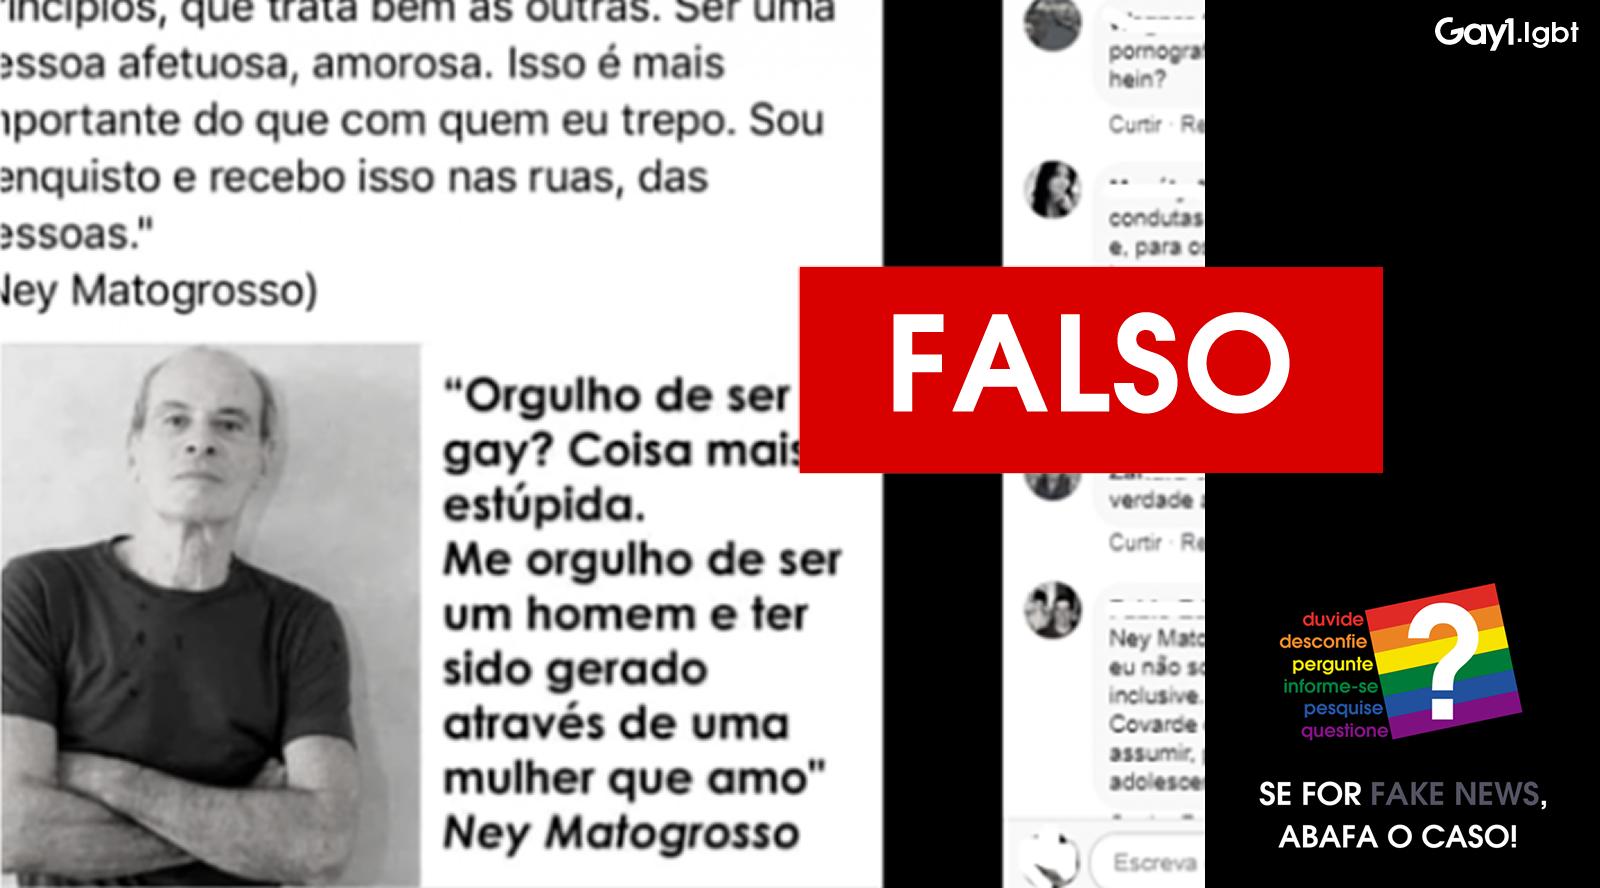 Posts falsos no Facebook atribuem declaração ao cantor Ney Matogrosso. (Foto: Reprodução/Arte Gay1)